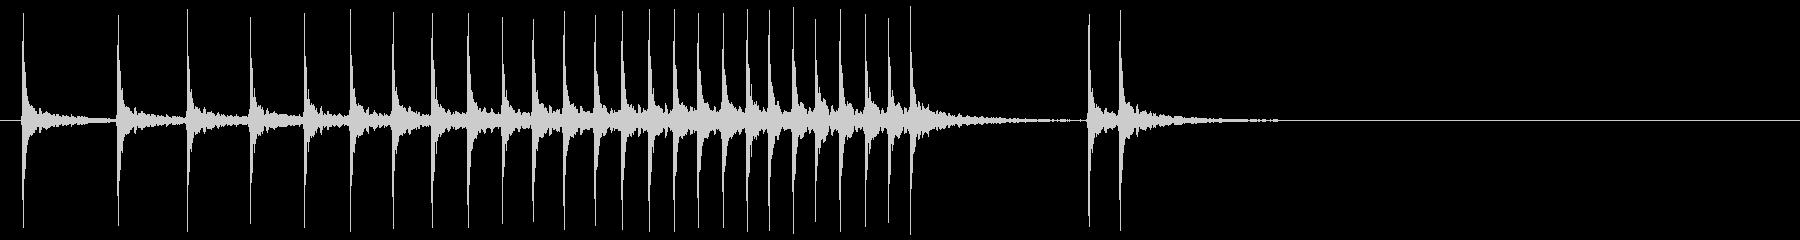 幕の開ける時の和楽器の音の未再生の波形